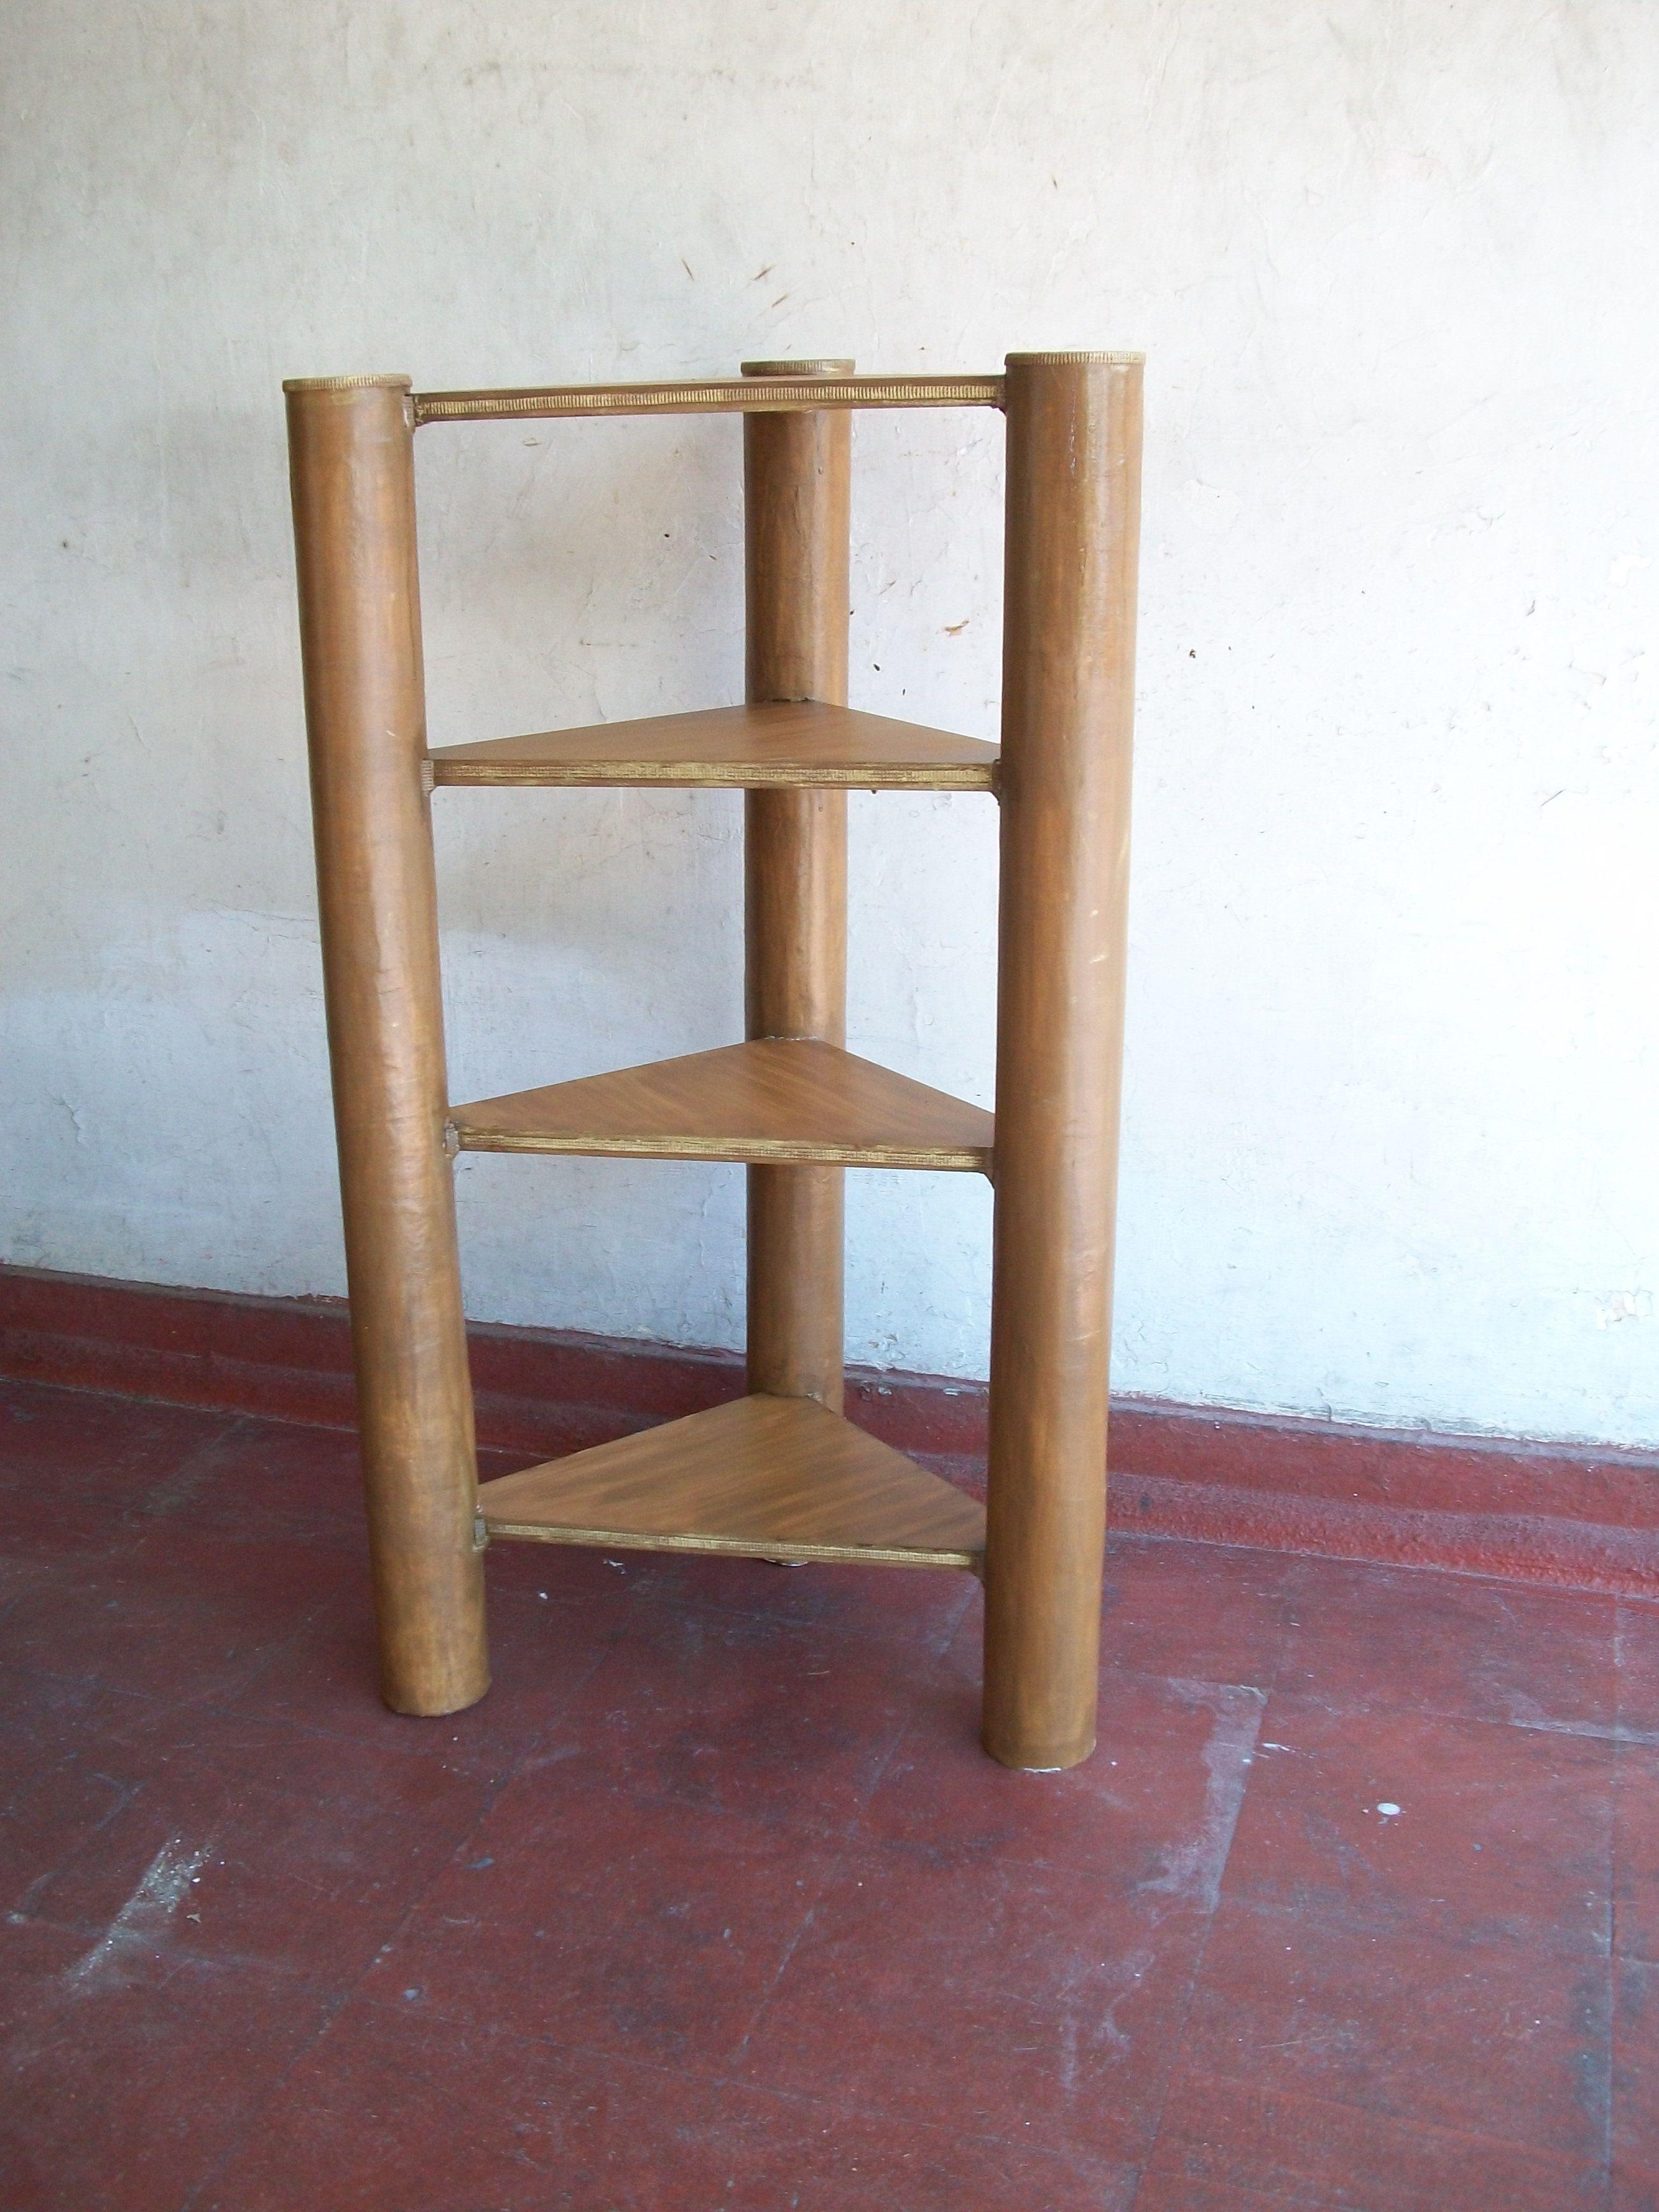 Esquinera con rollos de carton y madera mucha cartapesta - Trabajos manuales en madera ...